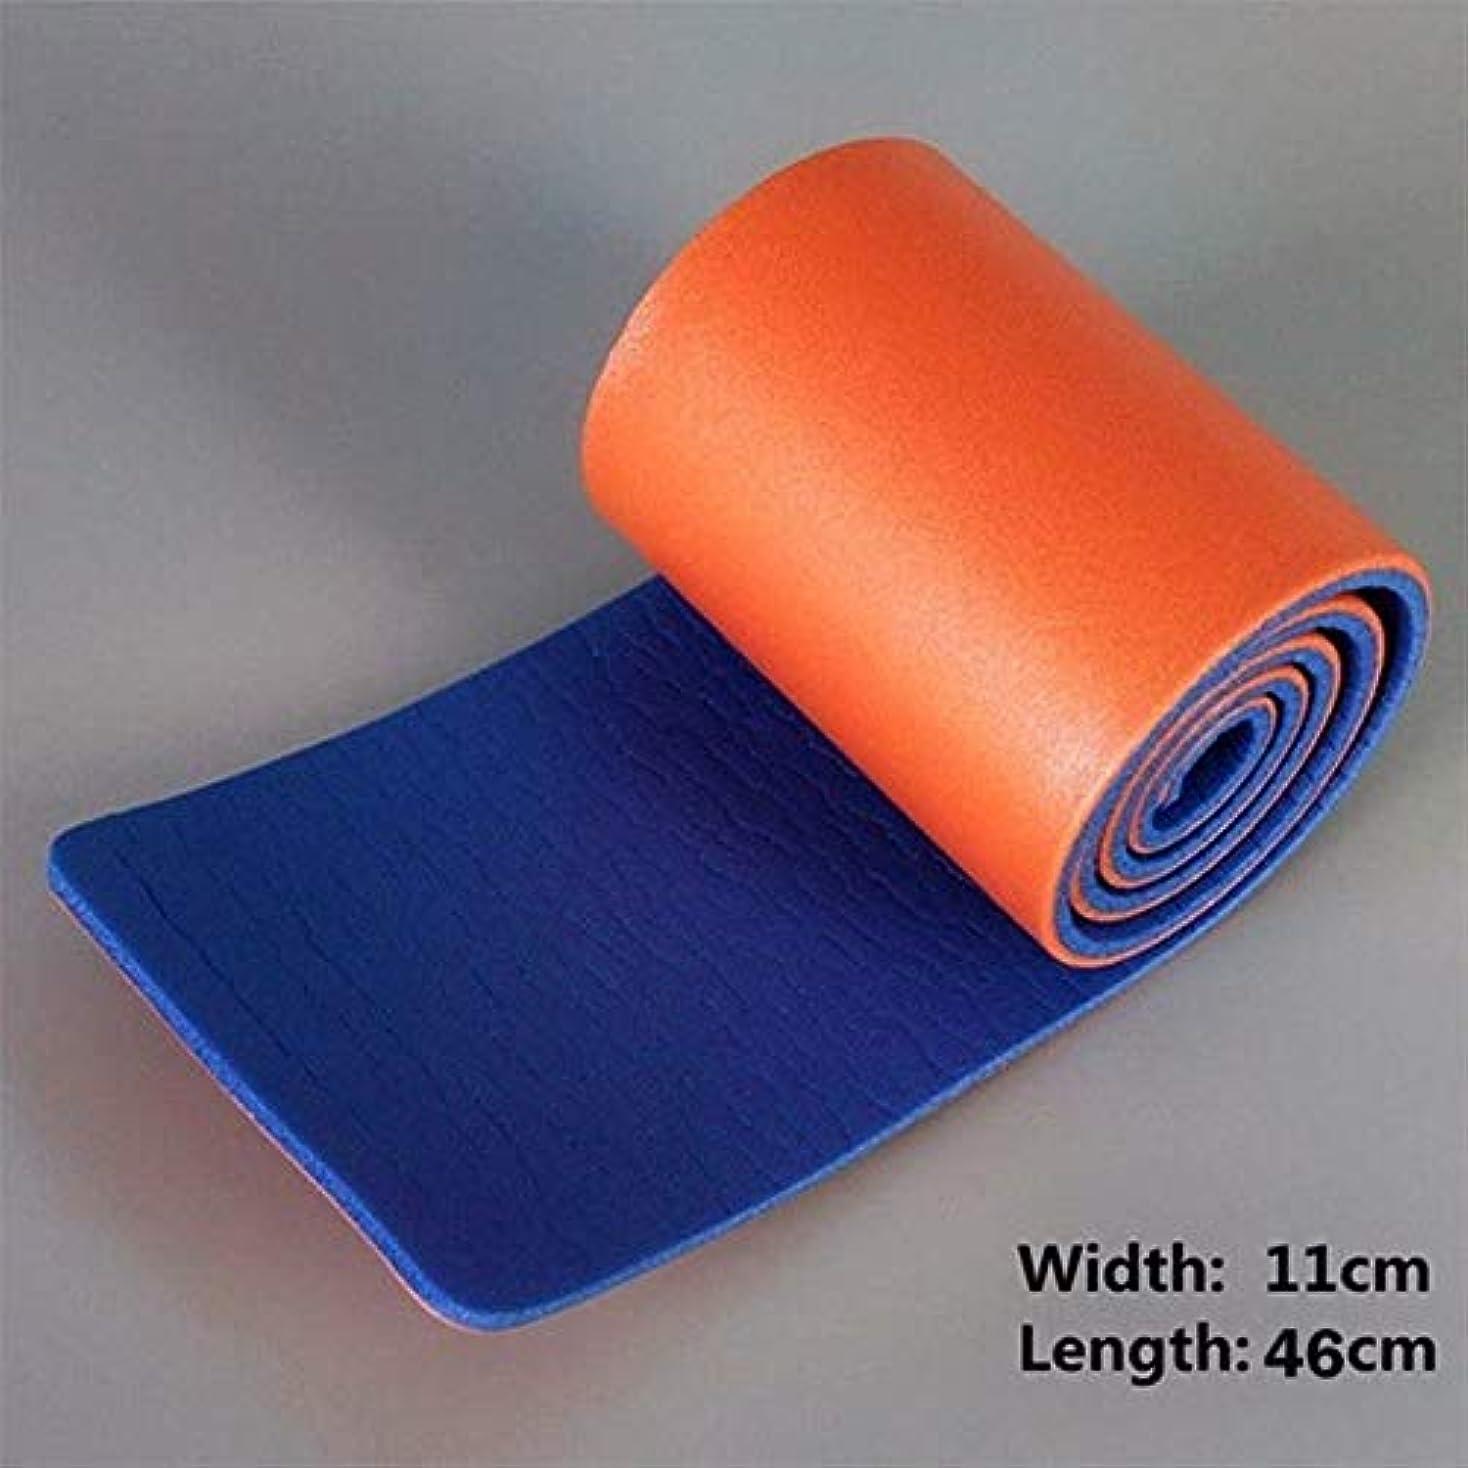 膜いくつかの始まり圧着合板フル合板 - ハンド合板イージーモールド合板オレンジ